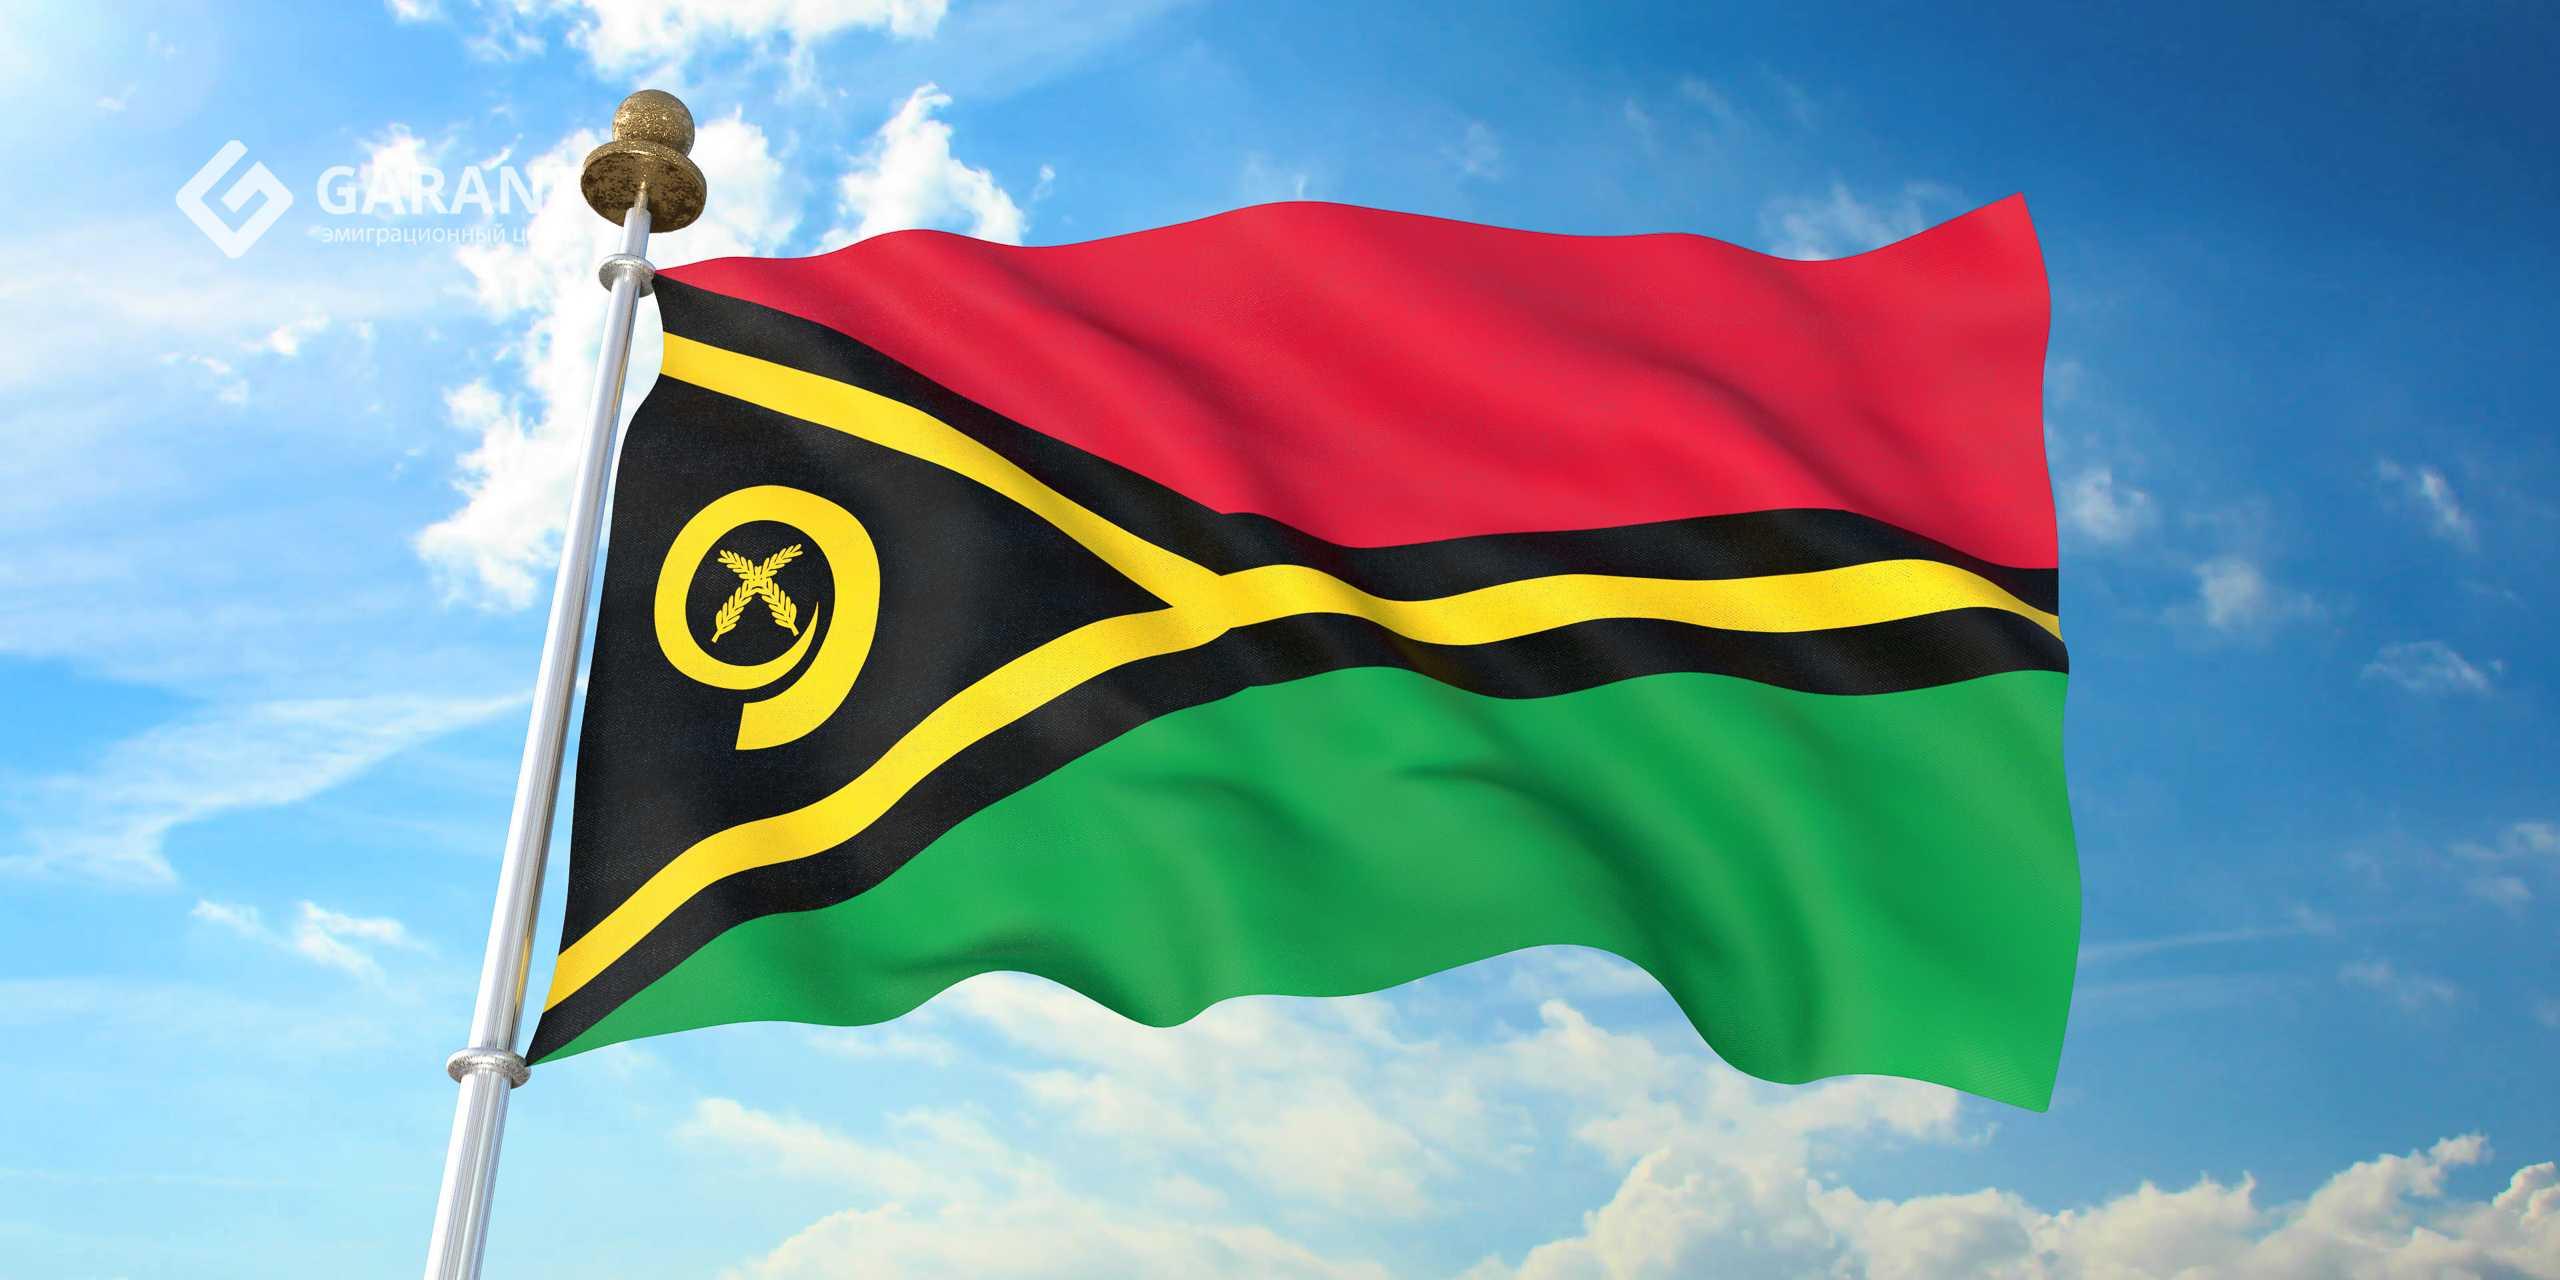 Гражданство Вануату. Самое быстрое оформление второго паспорта, но не только…